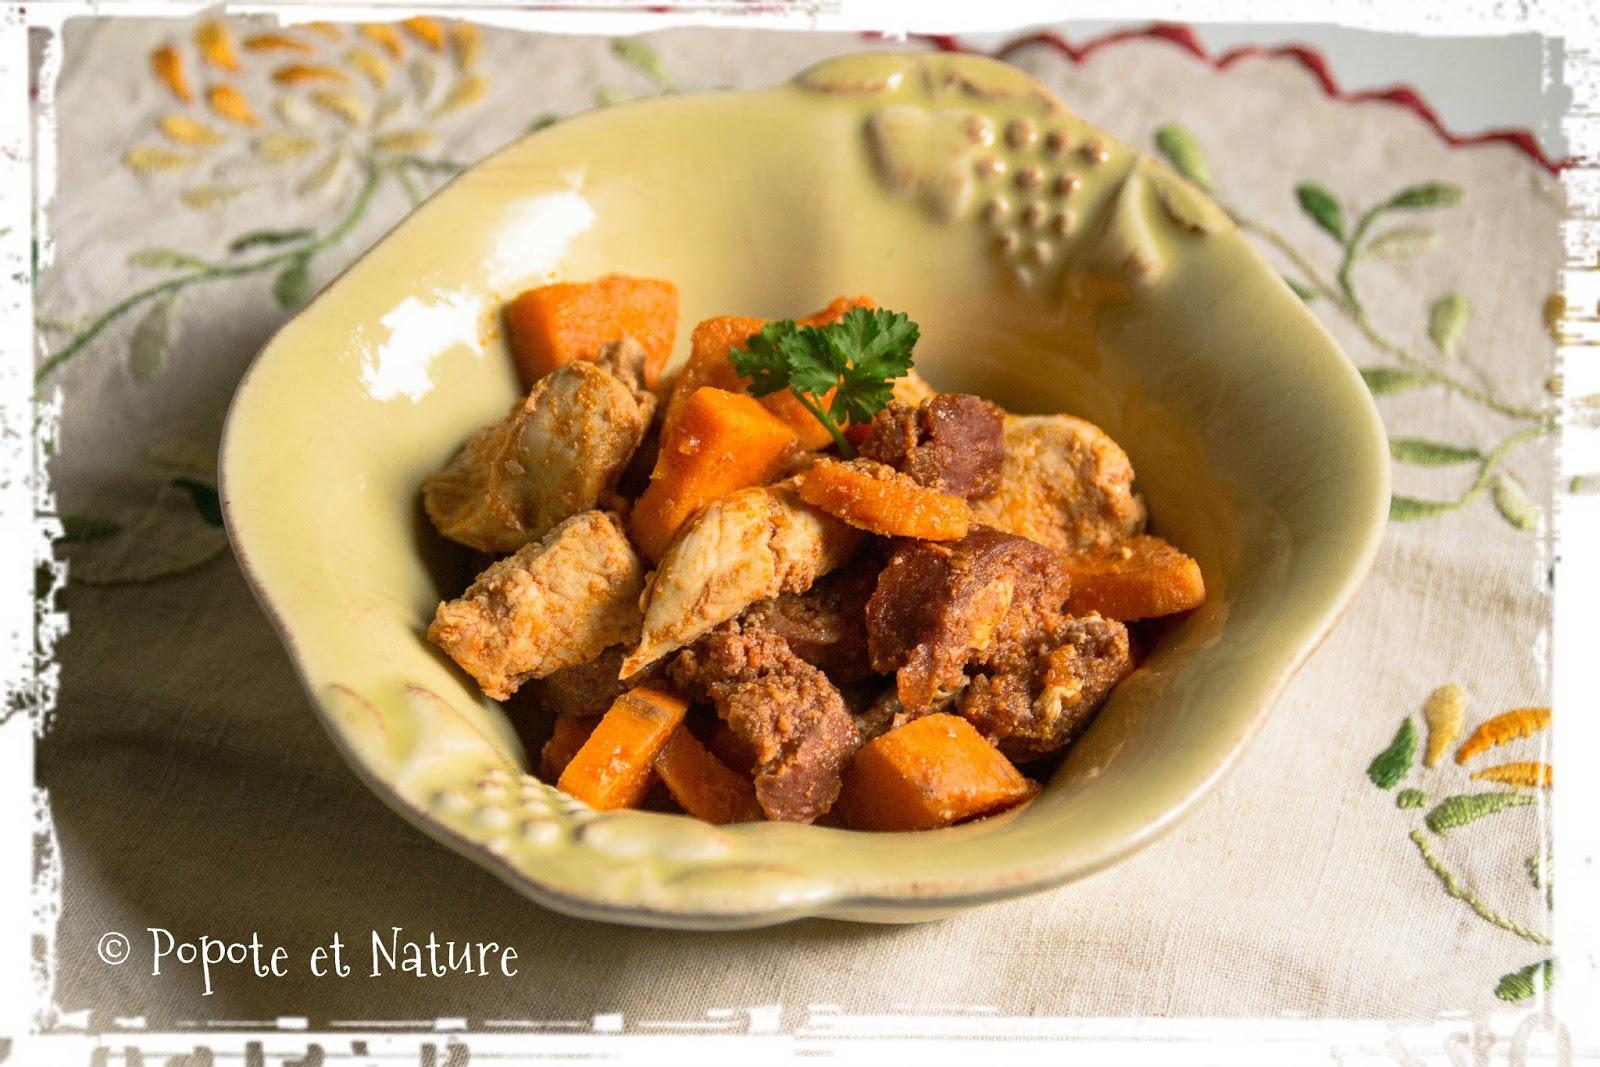 Popote et nature une fricass e de poulet aux parfums riches de l 39 espagne - Quand recolter les patates douces ...